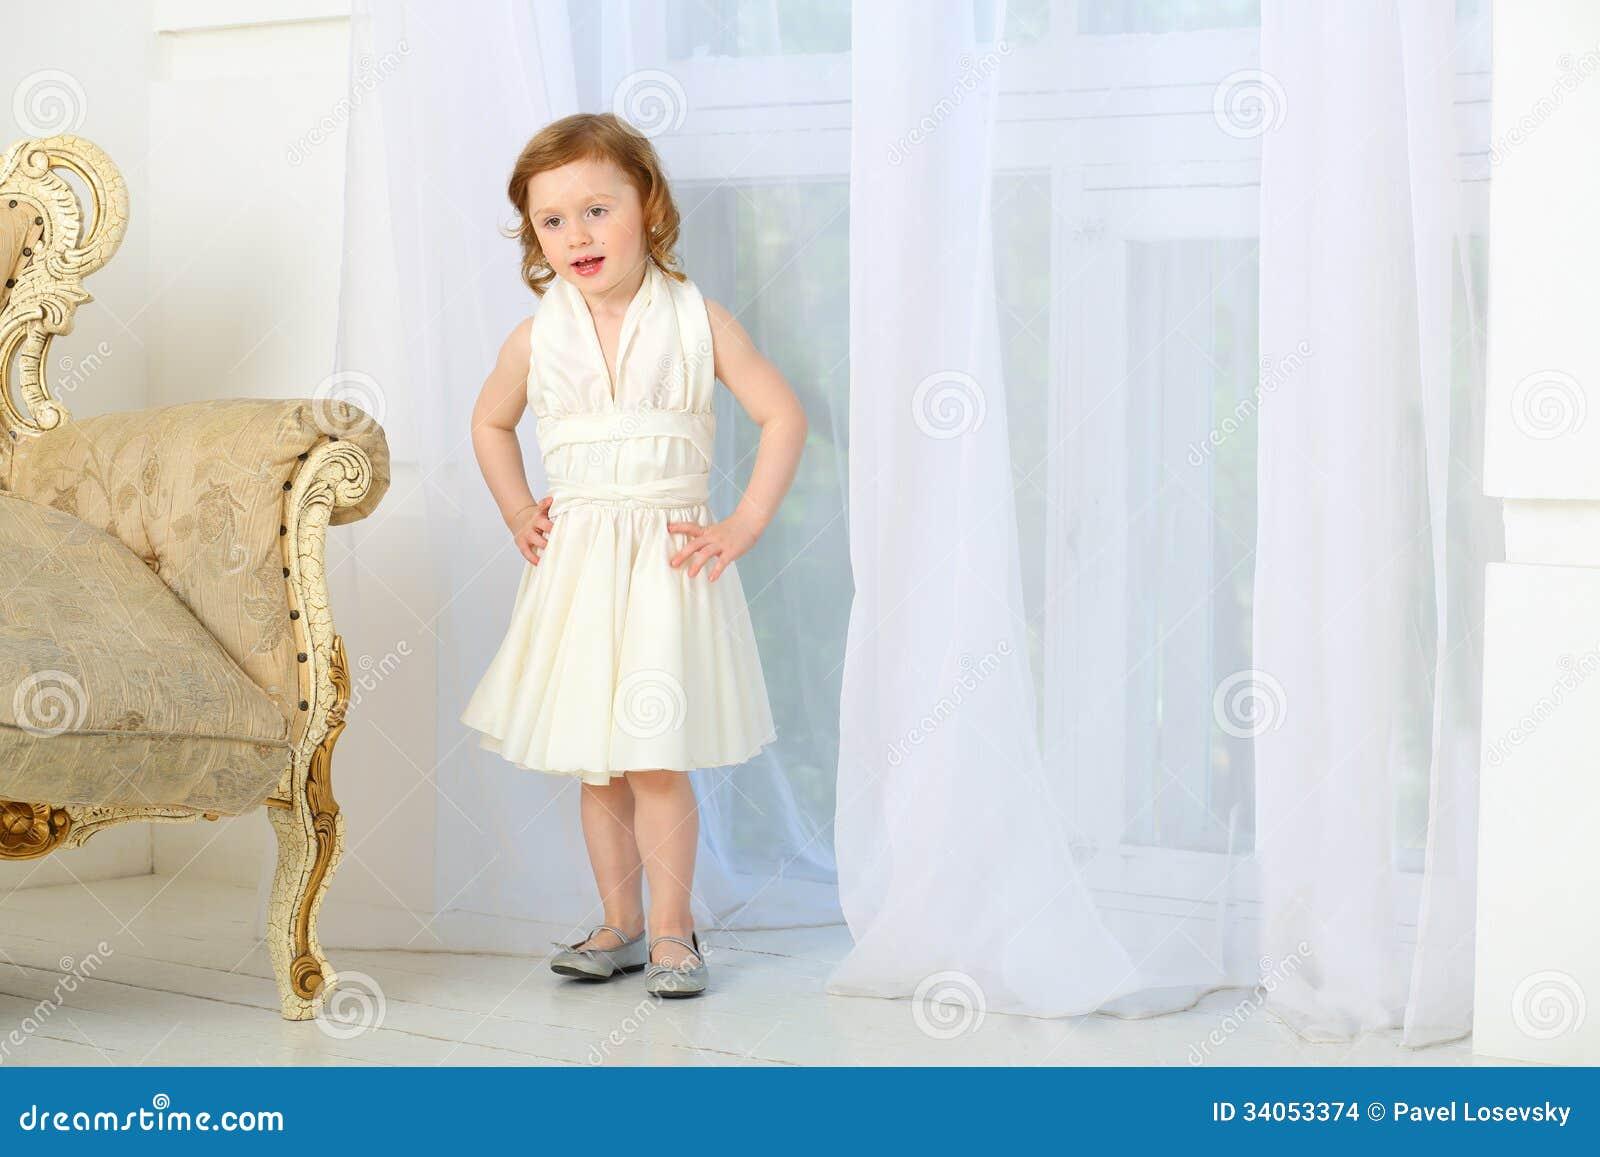 Cancion con vestido blanco